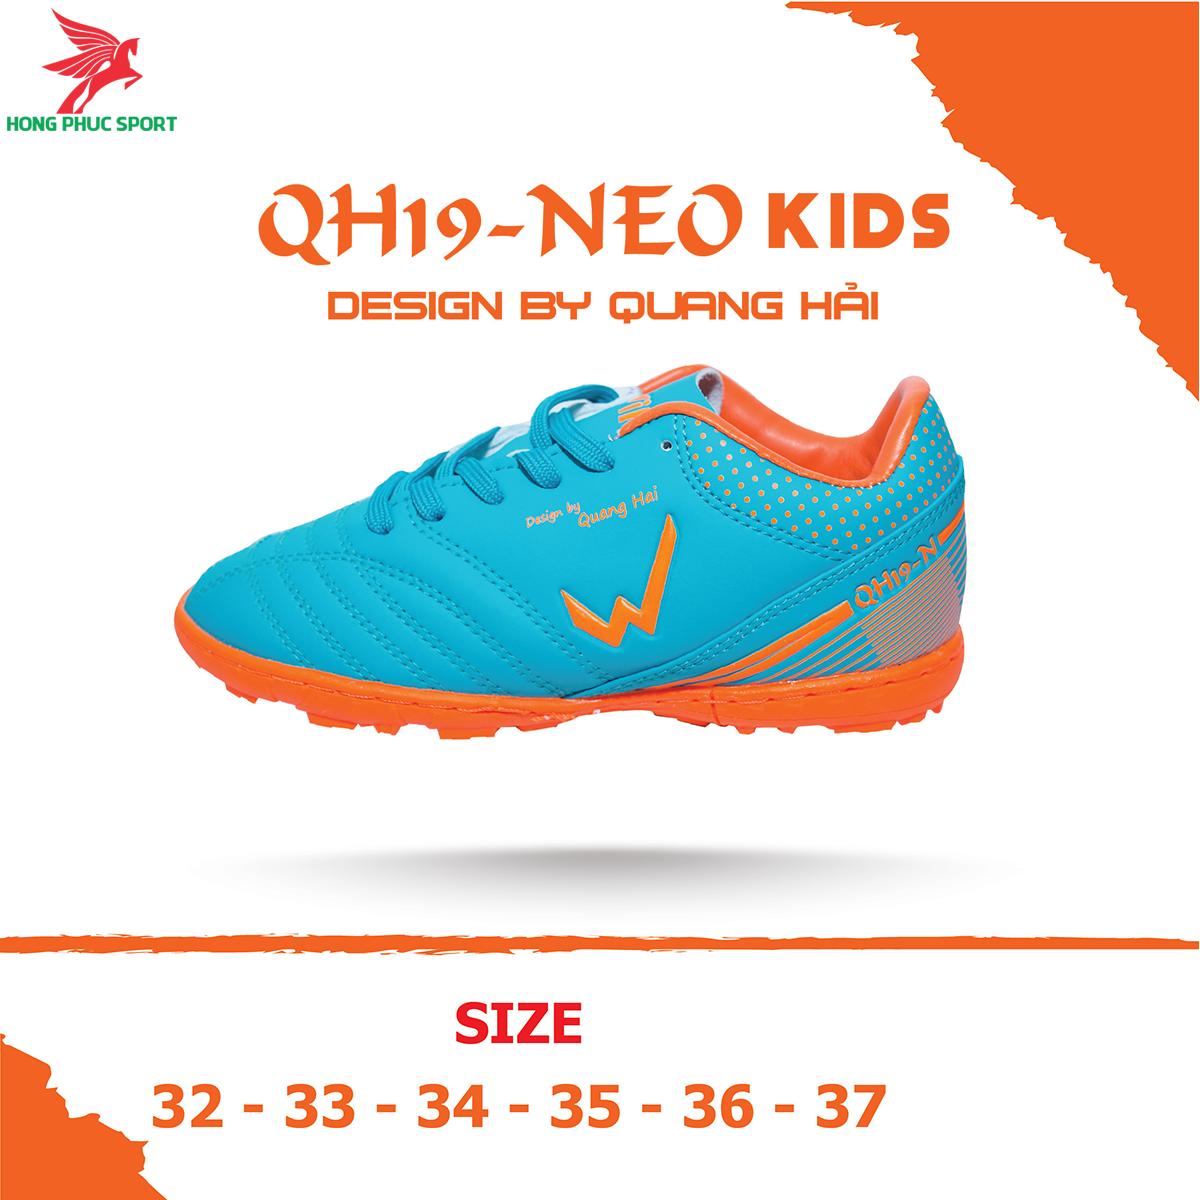 Giày đá banh Wika QH19 Neo Kids sân cỏ nhân tạo màu Xanh ngọc (2)